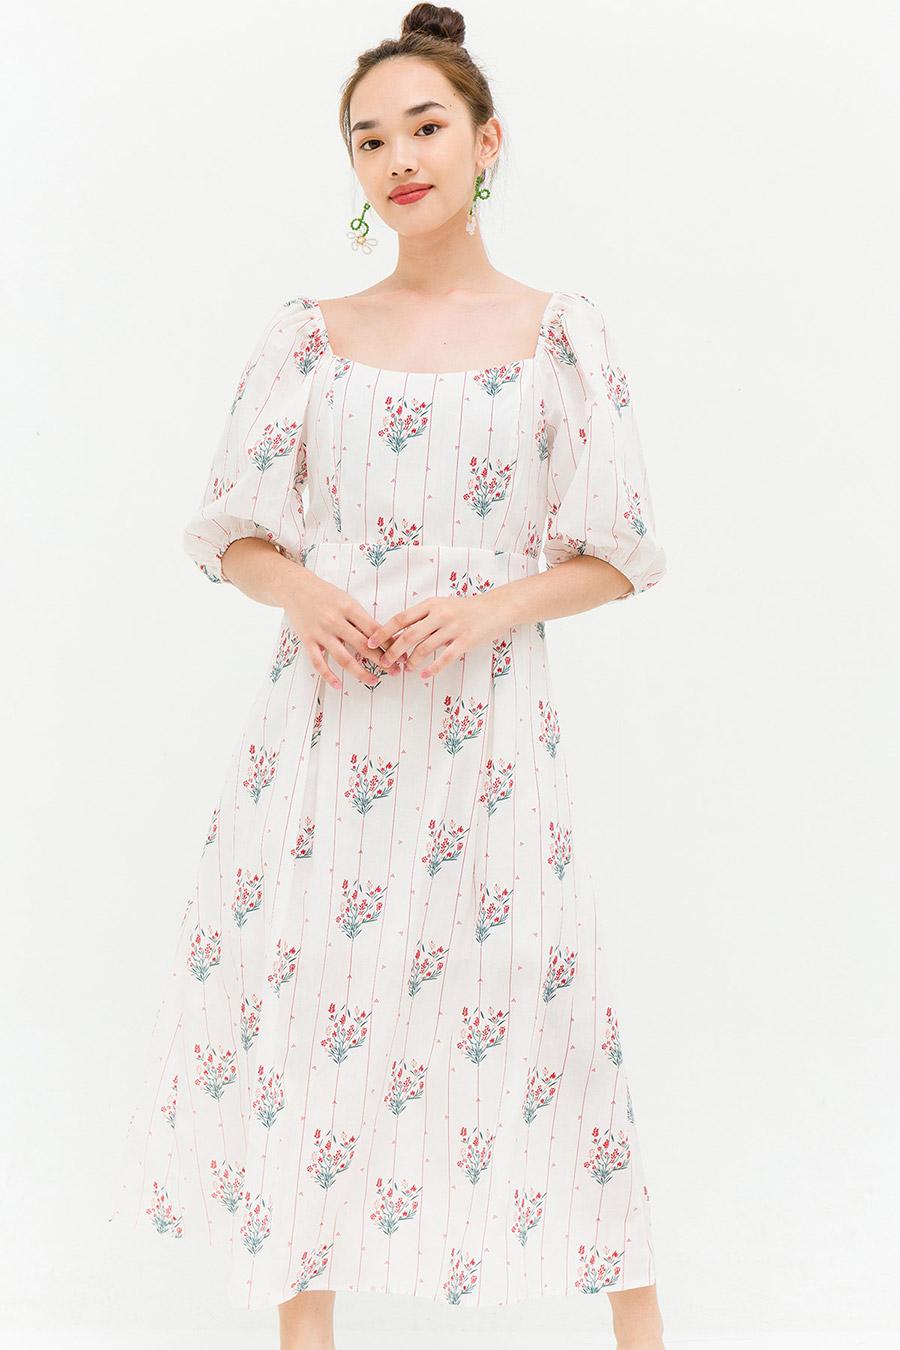 SHELIA DRESS - IVORY FLEUR